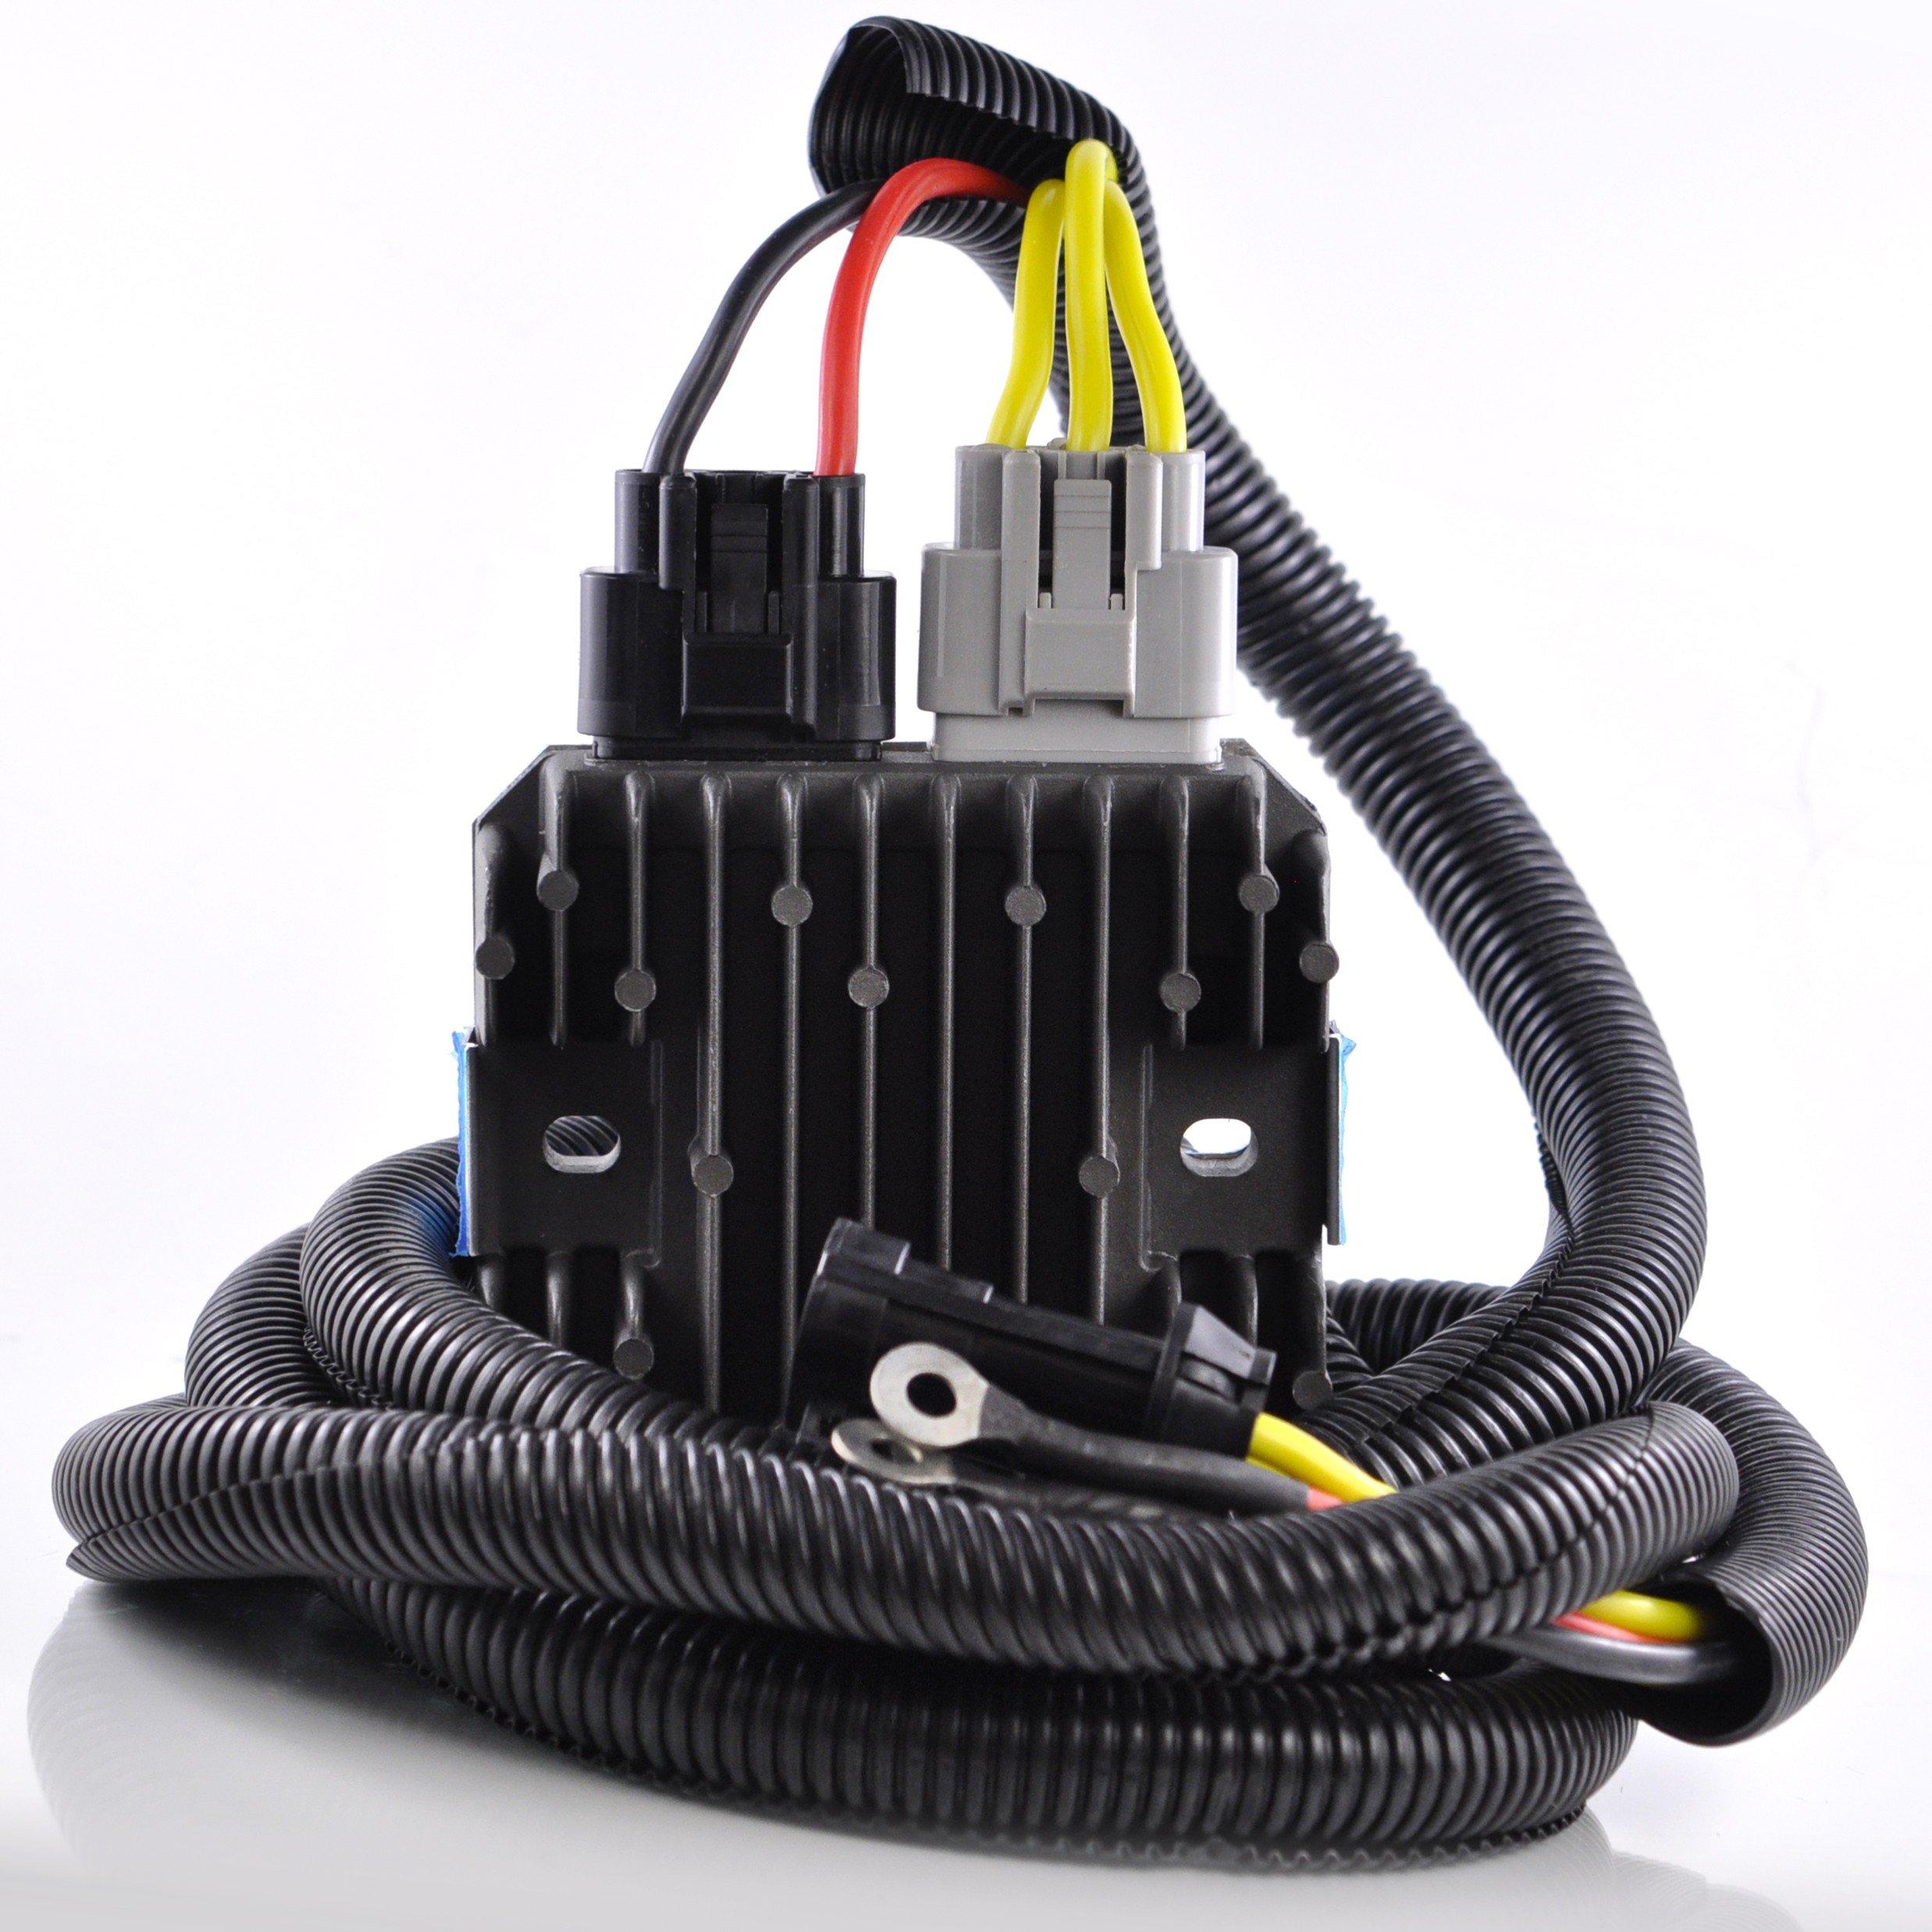 Heavy Duty Mosfet Polaris Voltage Regulator Upgrade Rzr 900 170 Wiring Diagram 1000 Ace Sportsman Scrambler